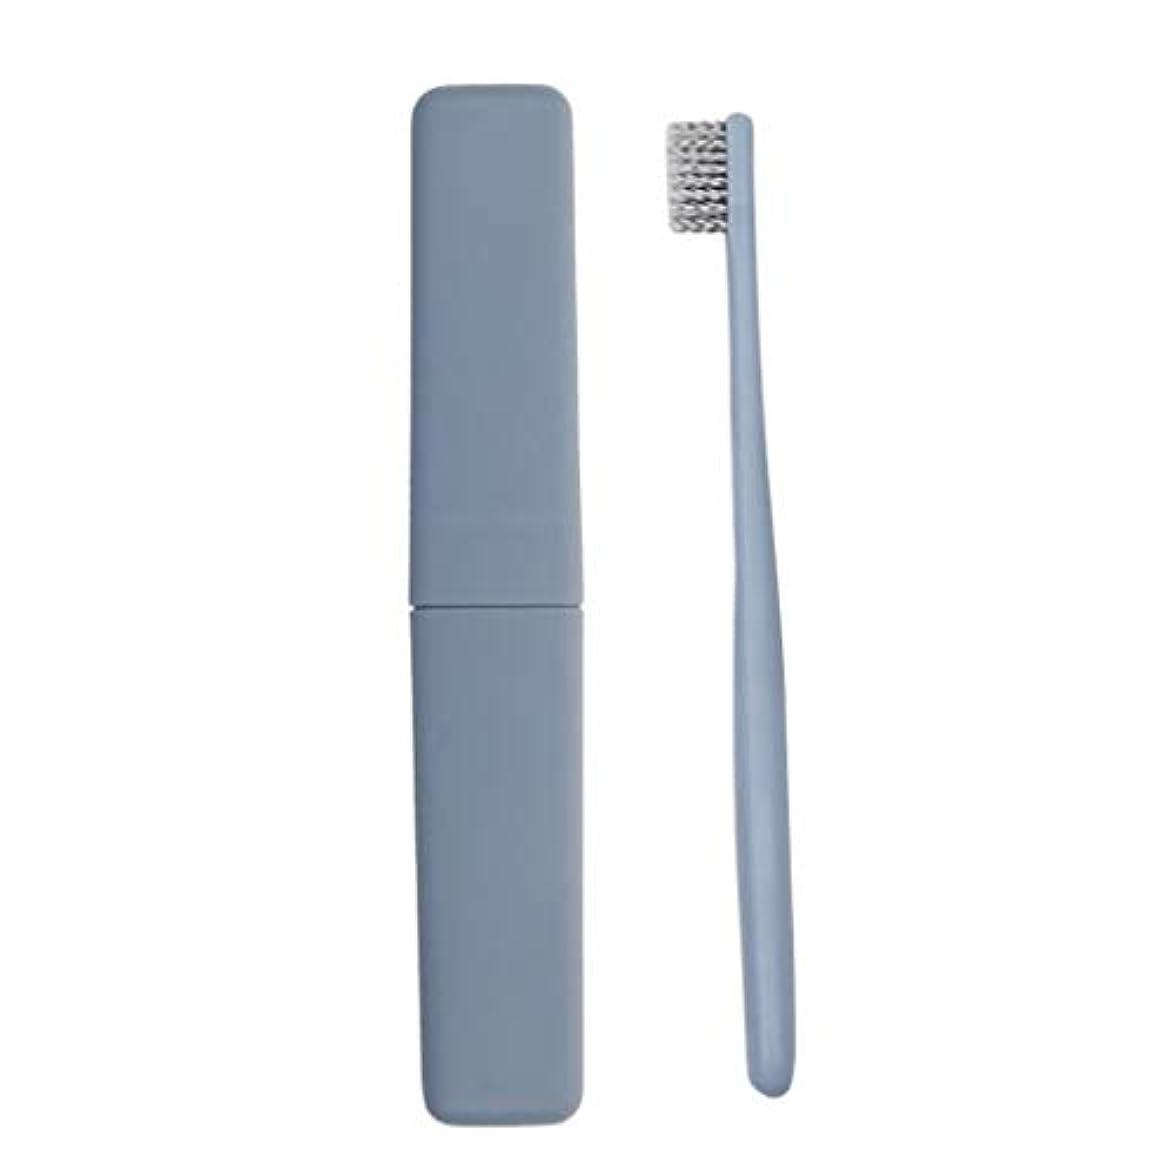 麦芽ビバ機構12パック手動歯ブラシソフトアダルトディープクリーニング歯ブラシカバー旅行ポータブル使い捨て歯ブラシ (色 : 青)